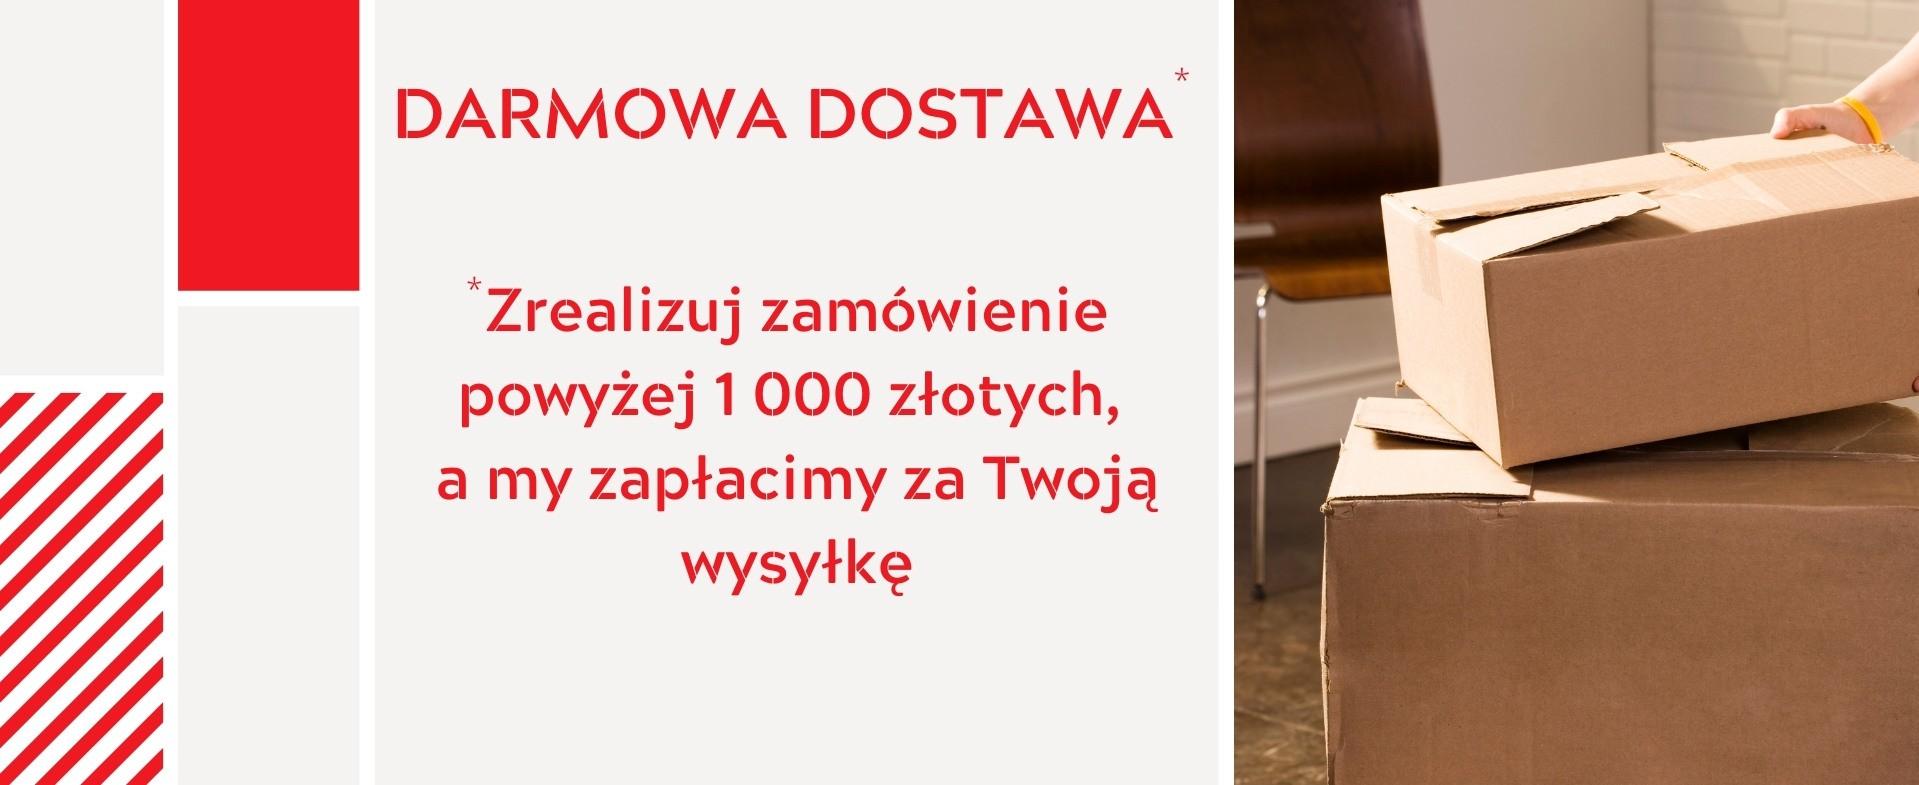 Darmowa dostawa powyżej 1000 złotych - laskomex-sklep